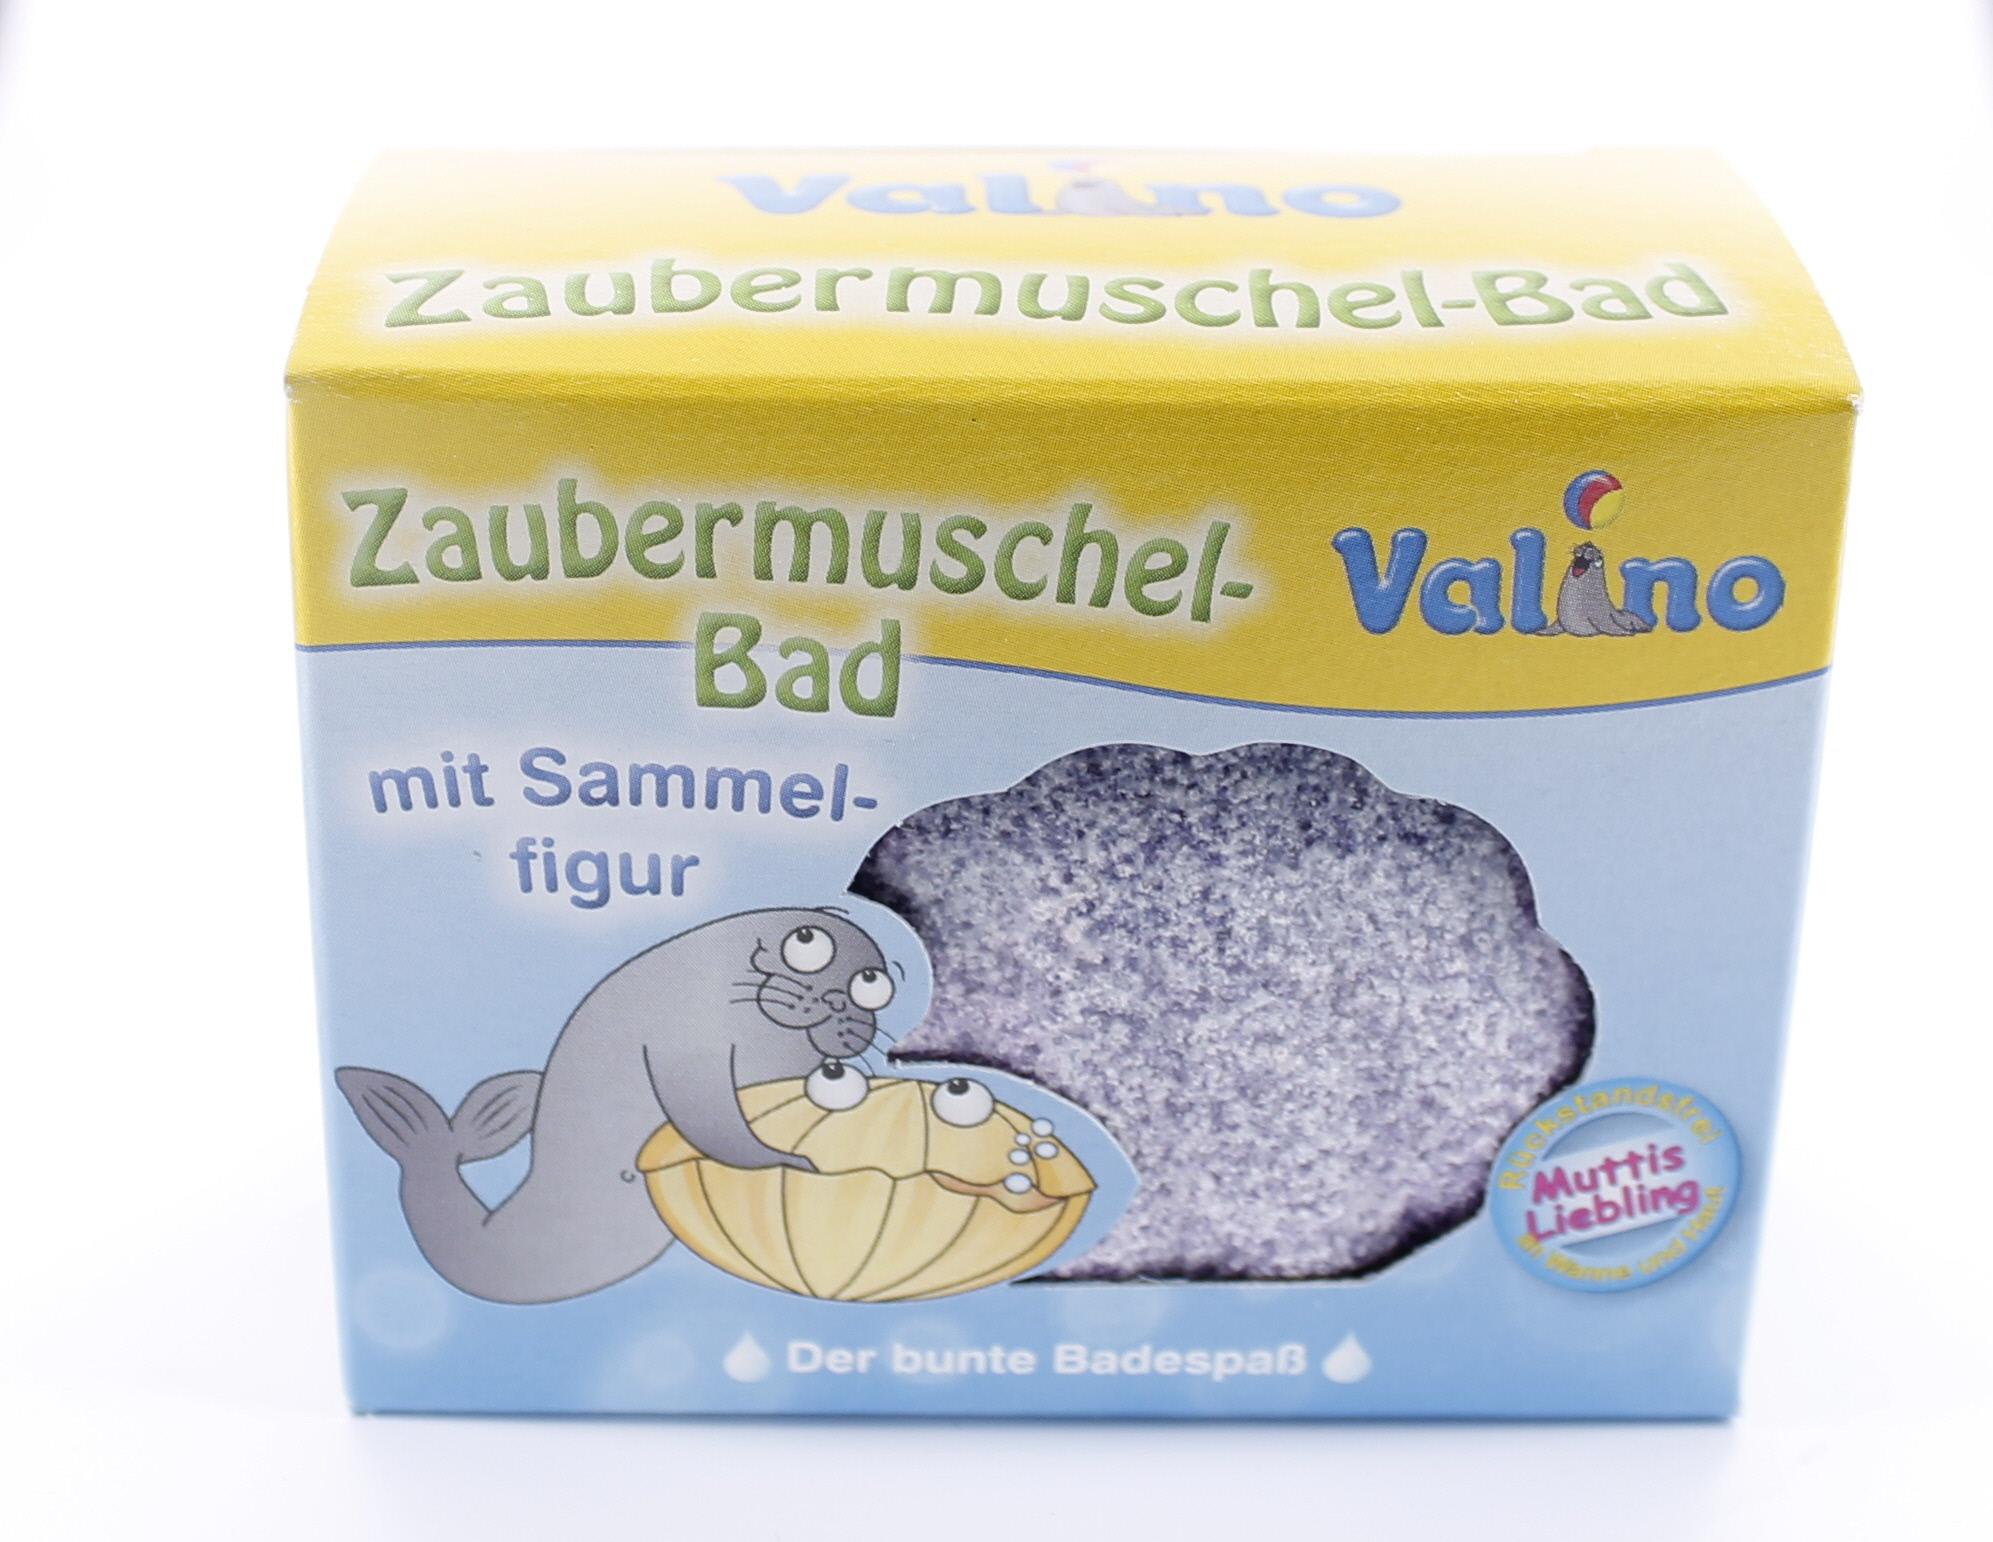 1 St/ück Valino Zaubermuschel Bad rot